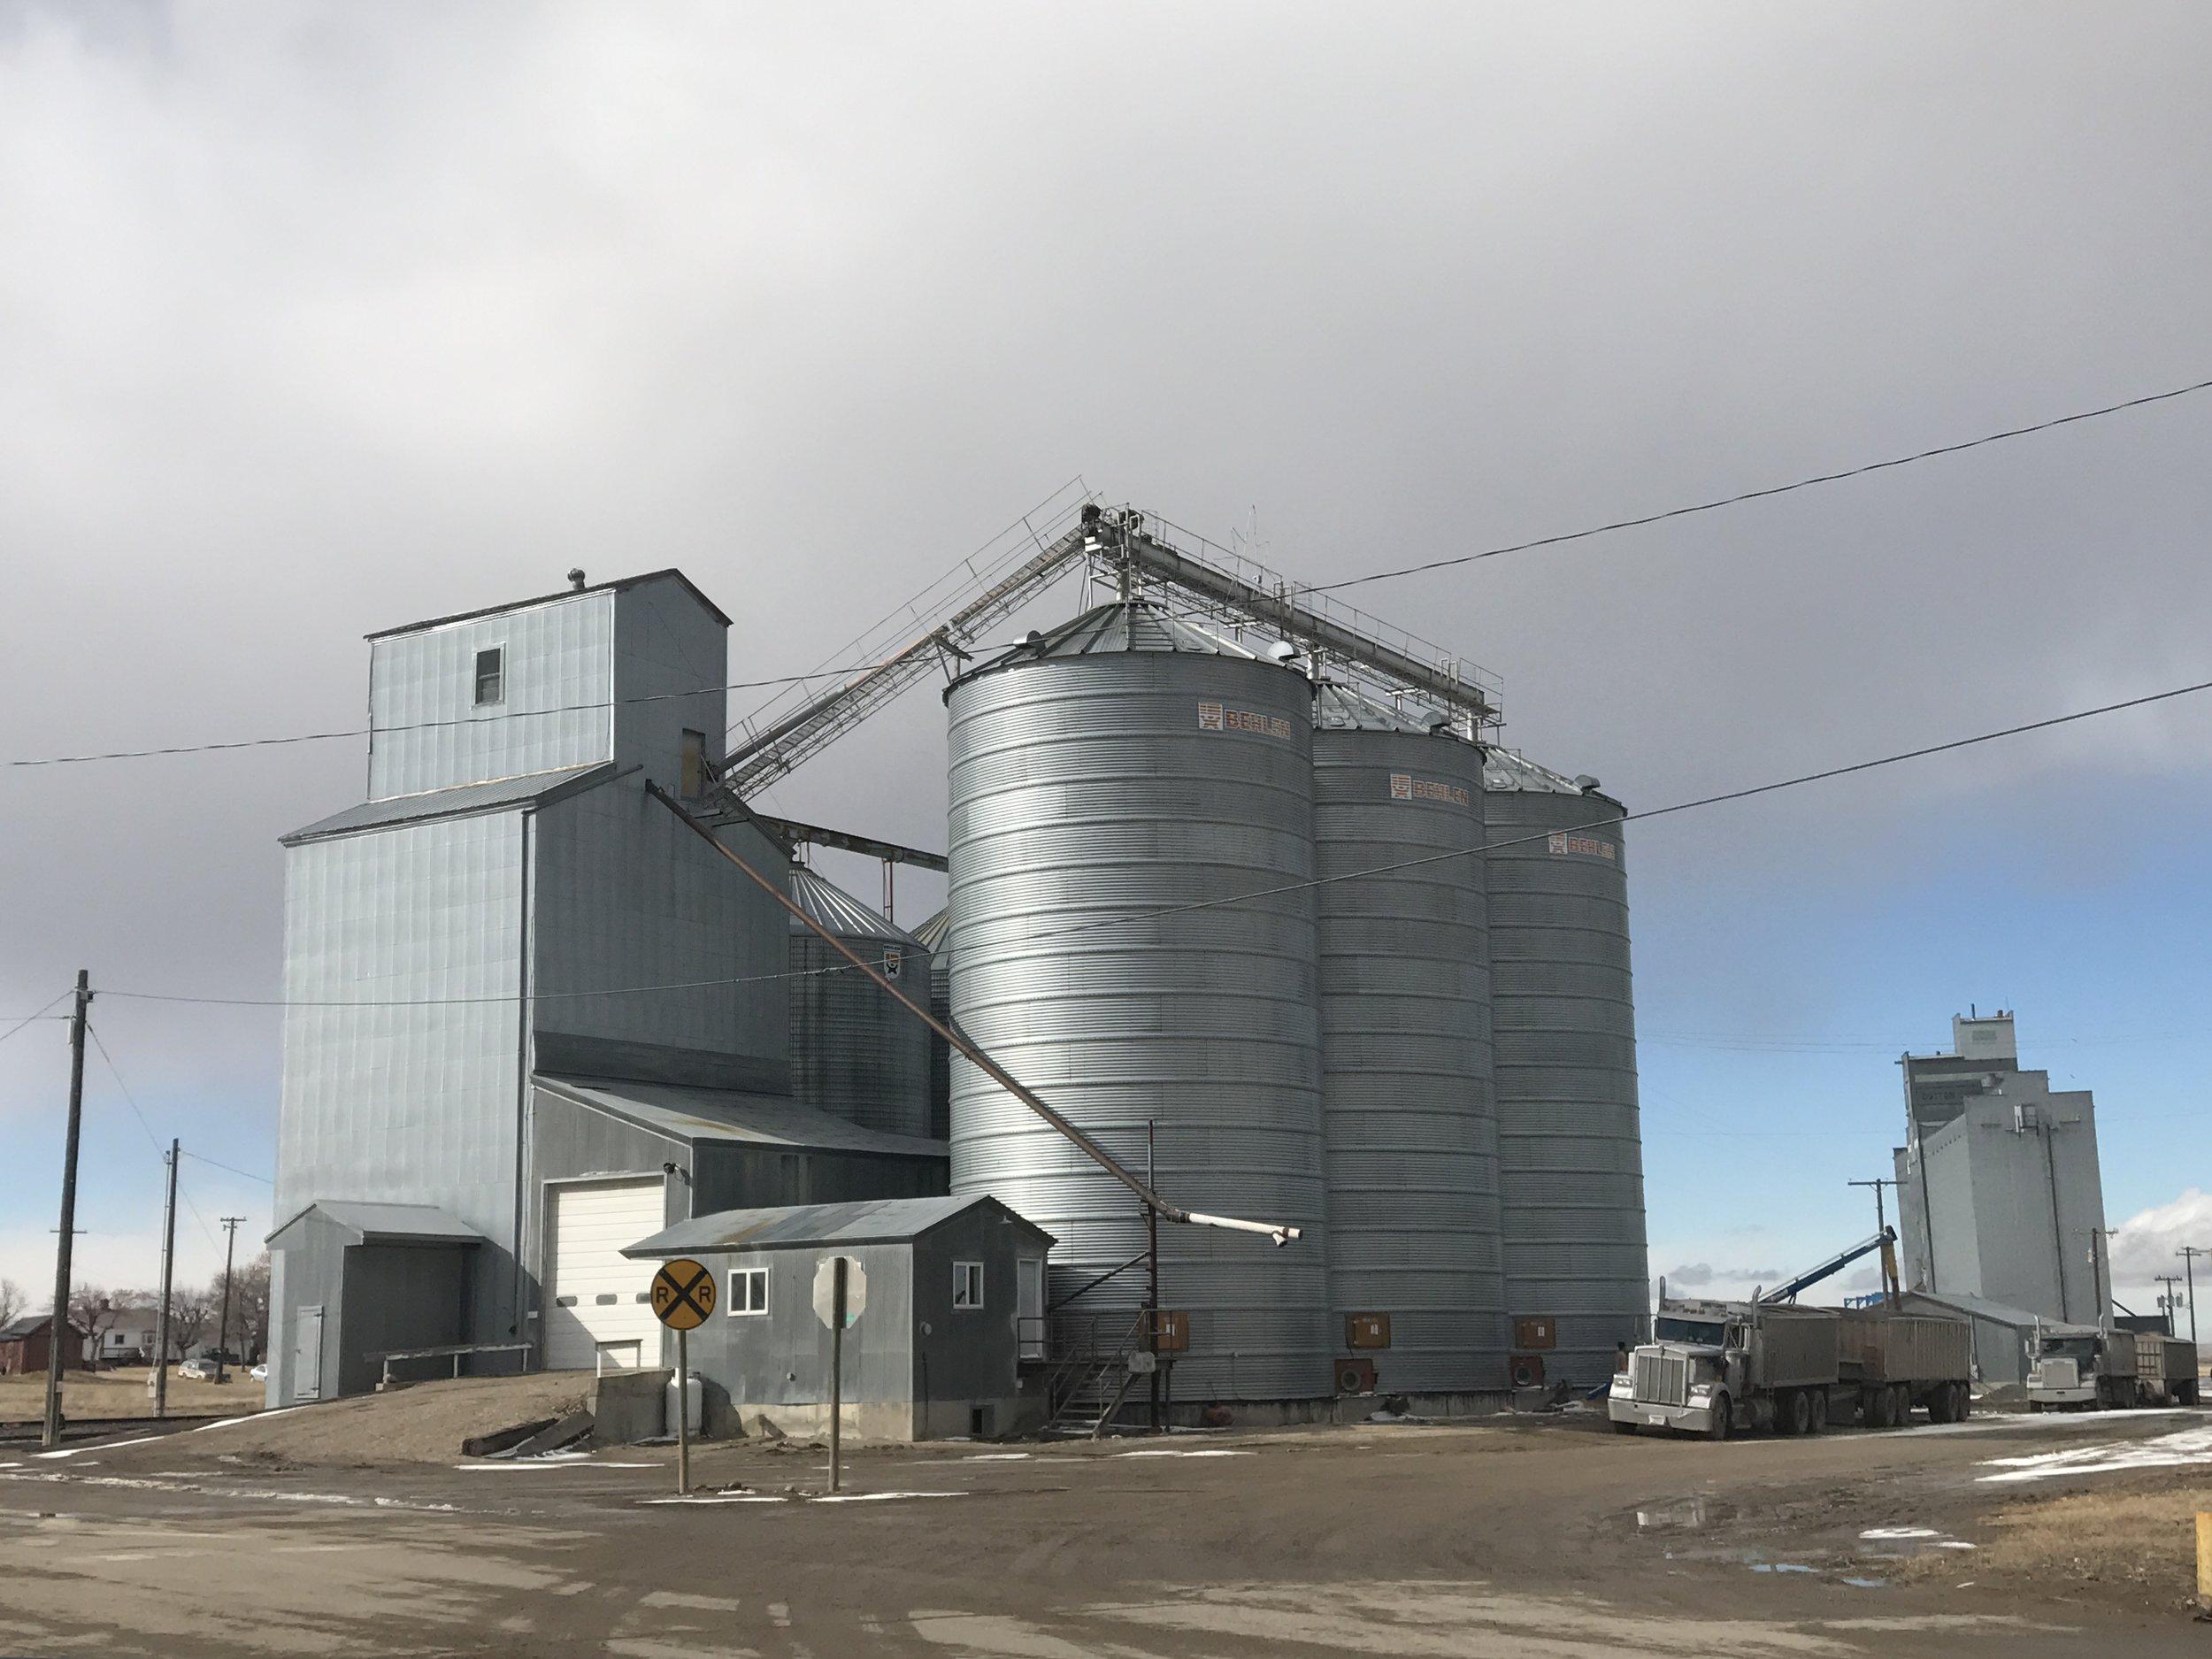 Dutton Grain Bins